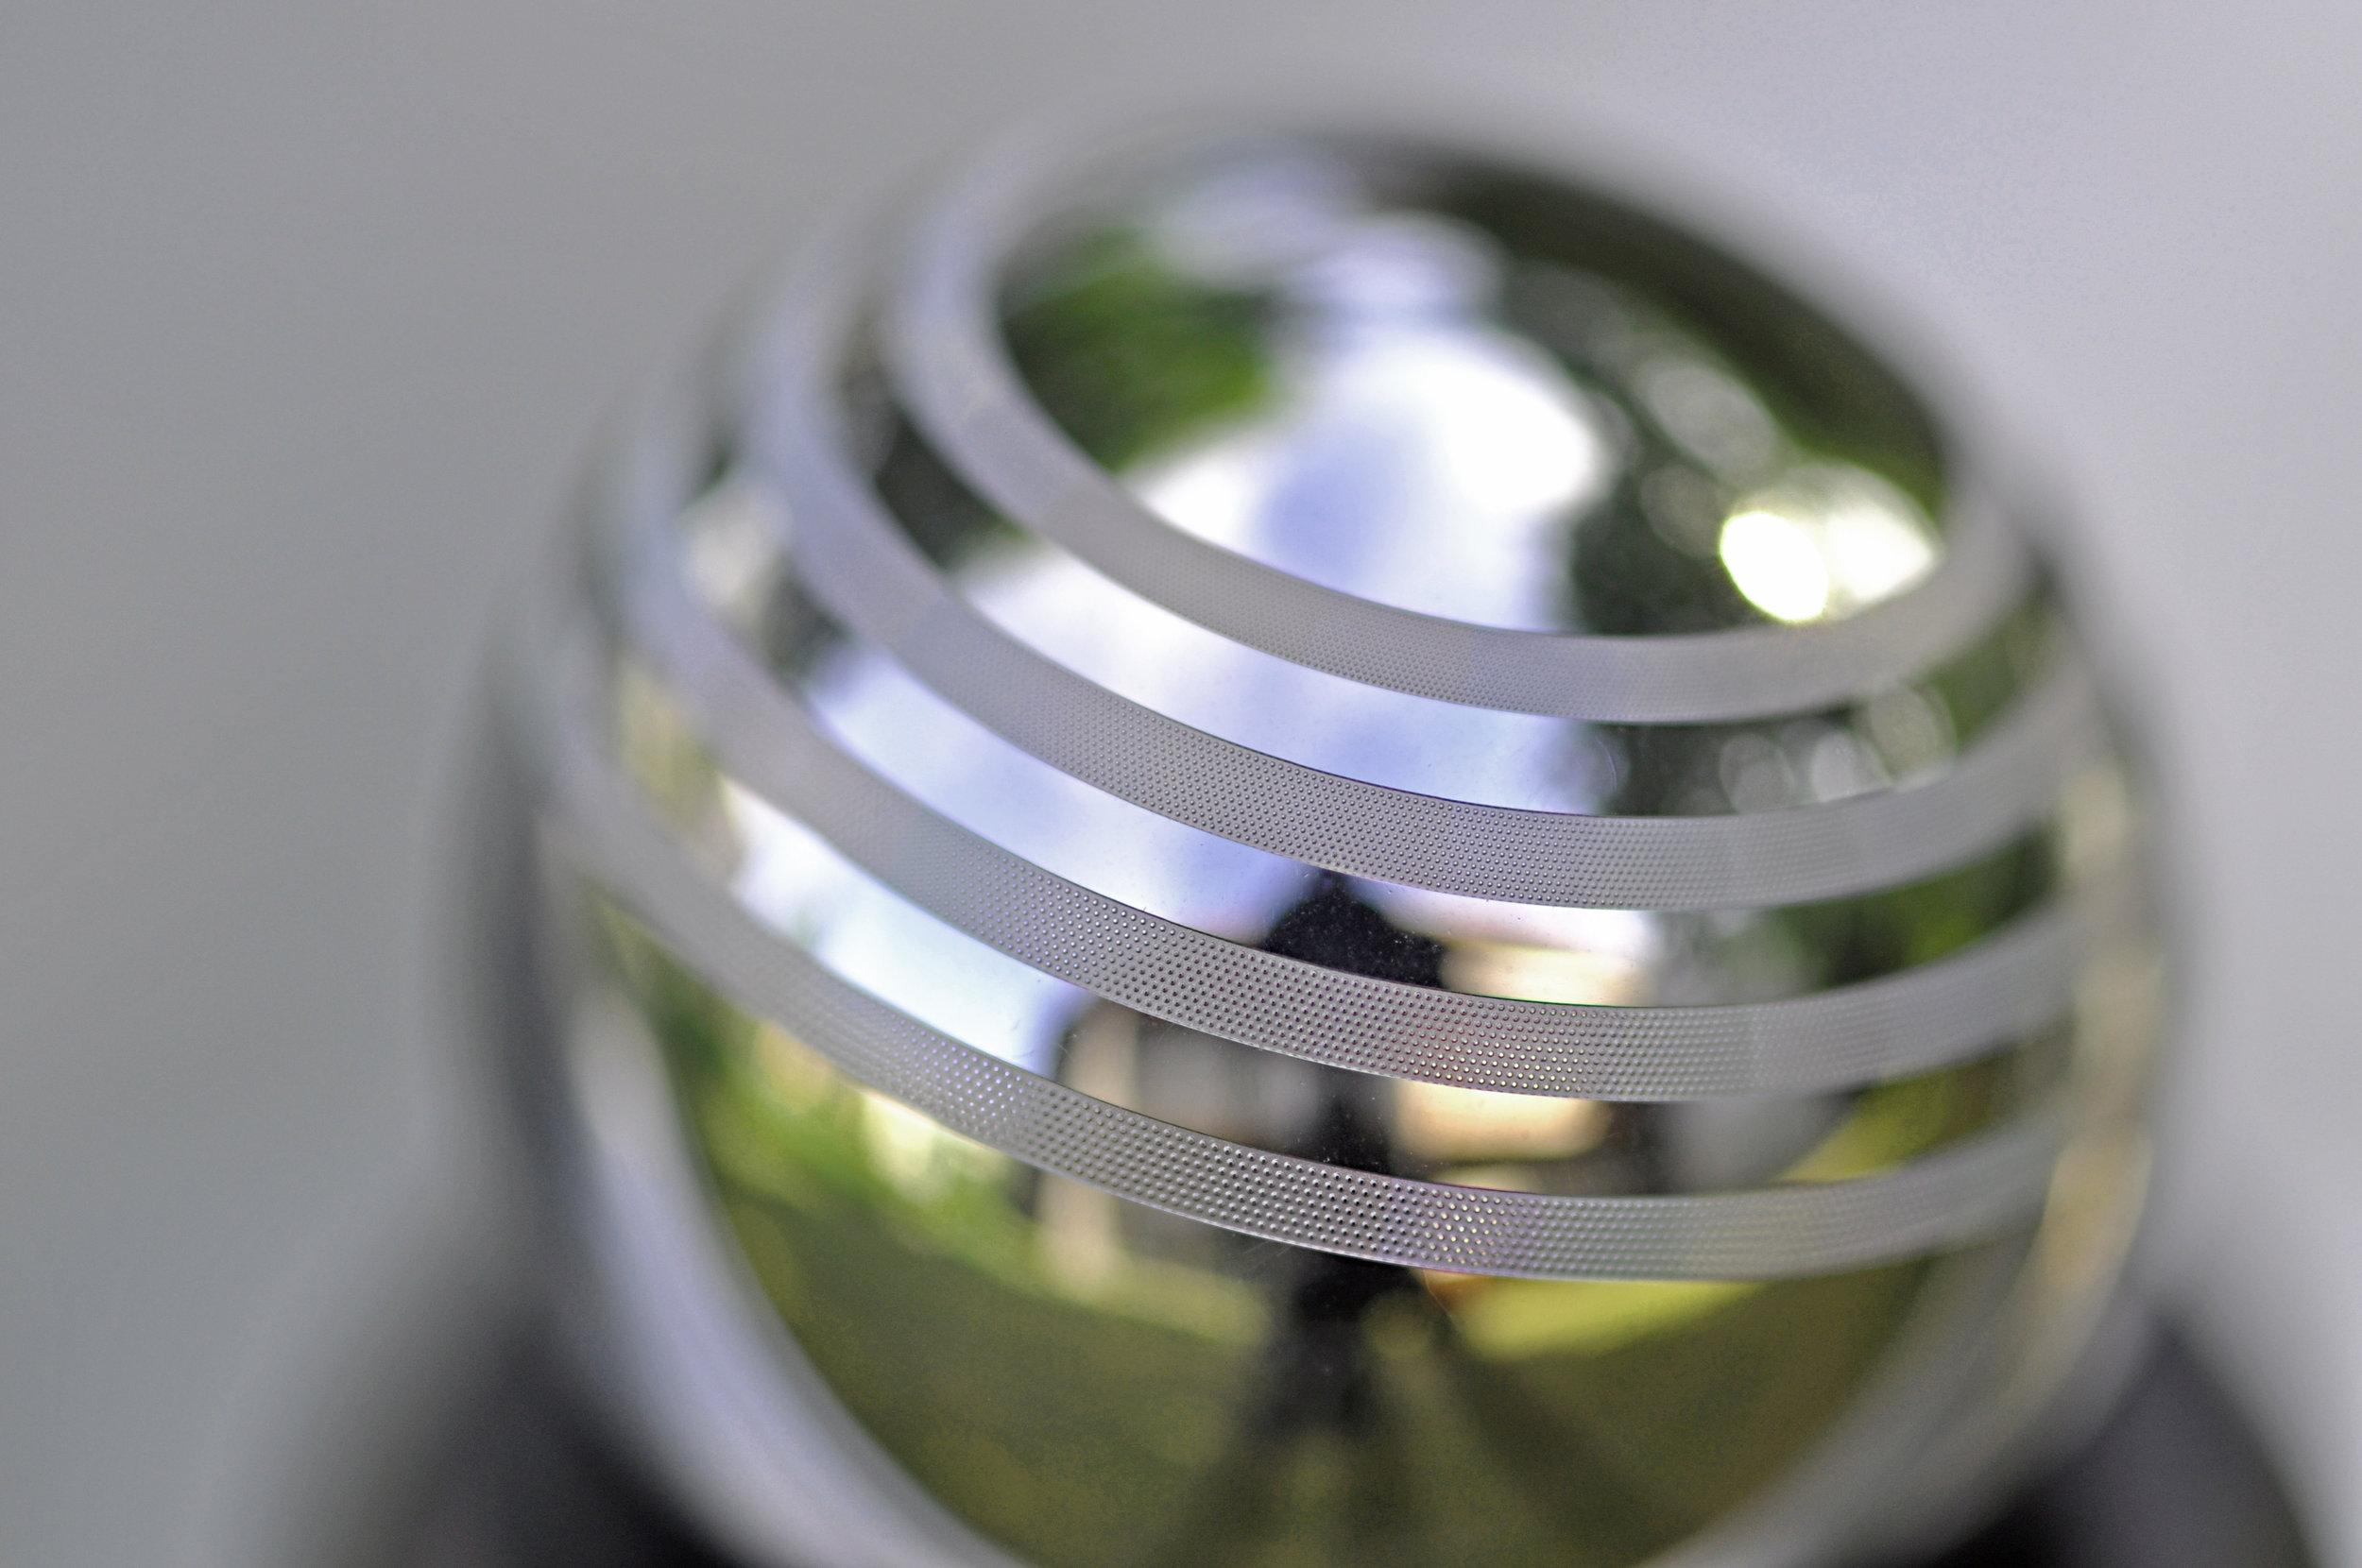 Textured rings on ball 7.jpg